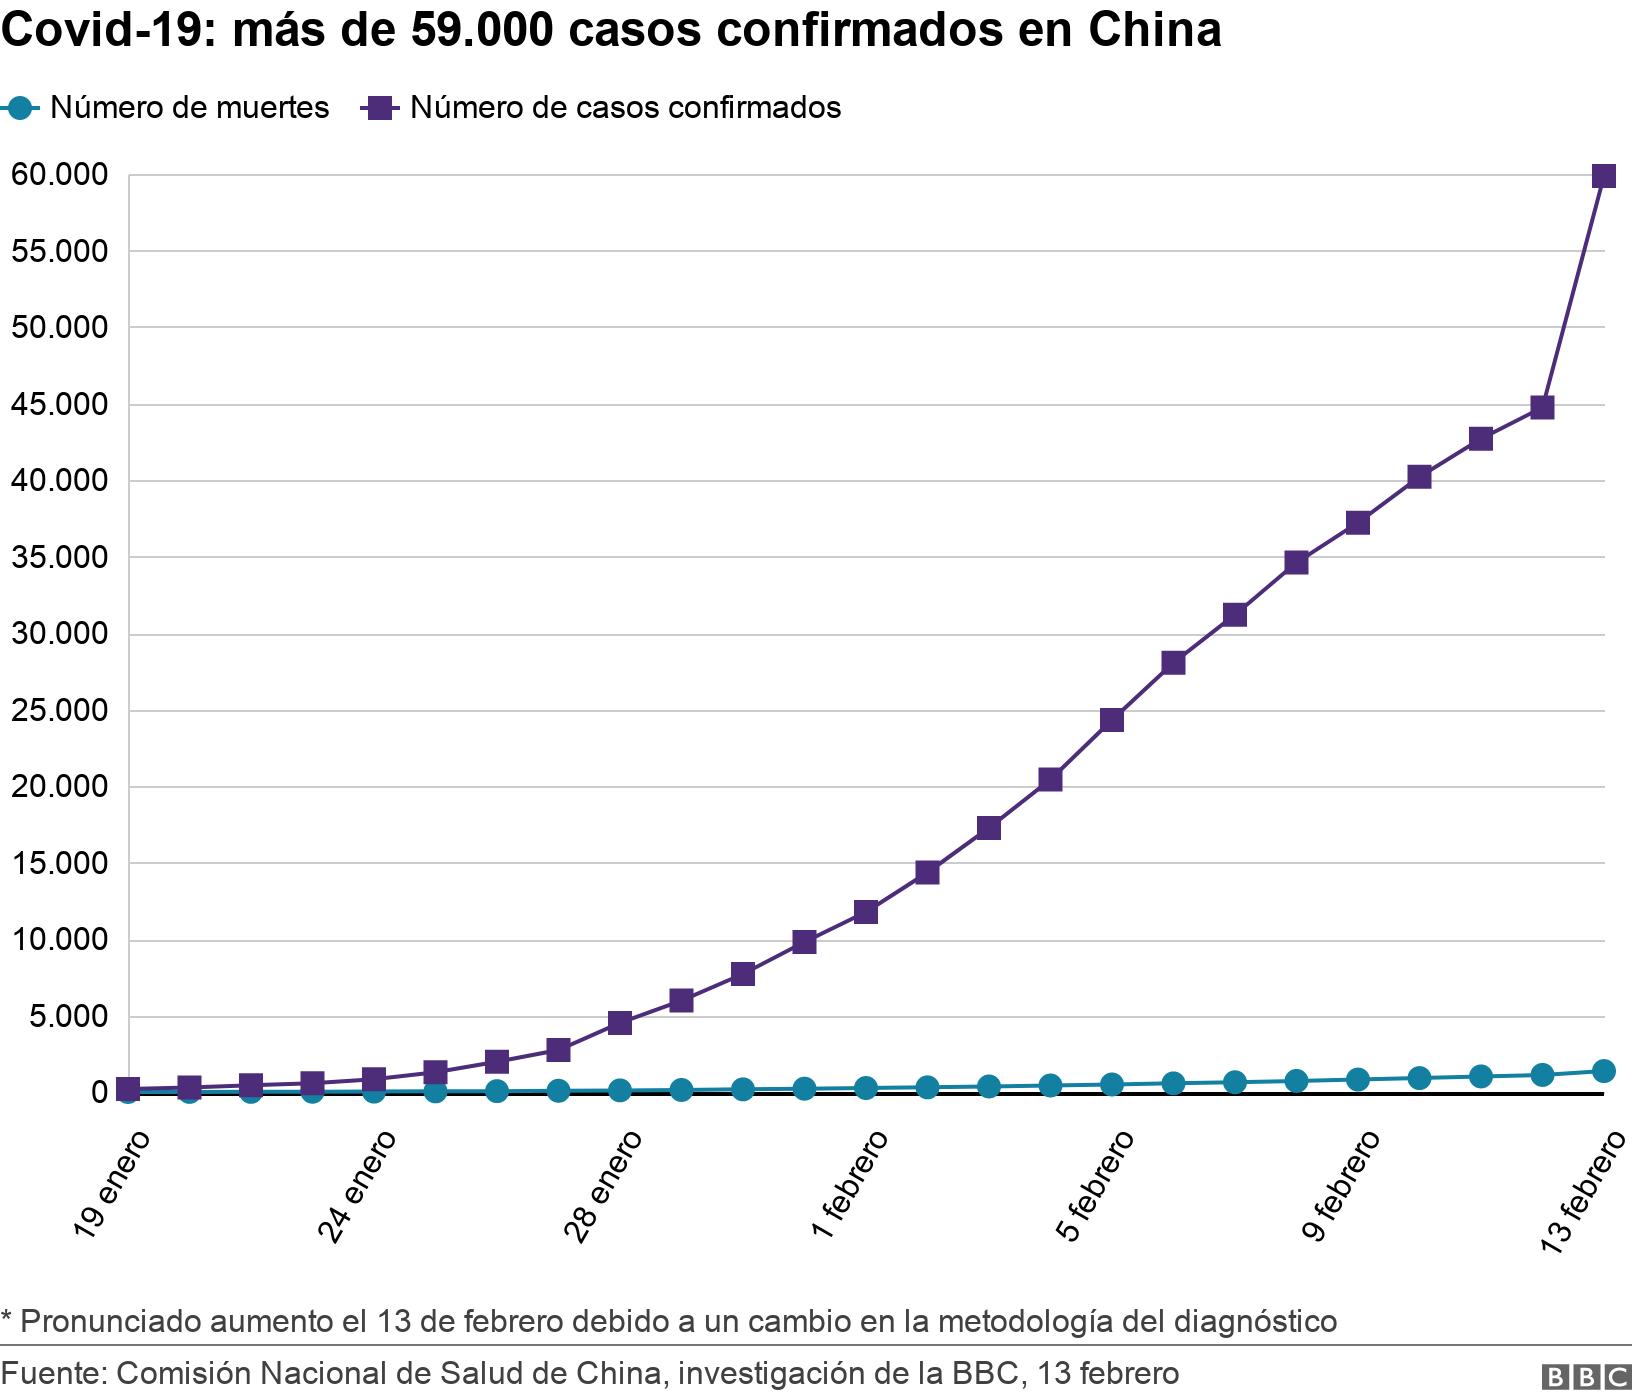 Covid-19: más de 59.000 casos confirmados en China . . Comisión Nacional de Salud de China, investigación de la BBC, 13 febrero * Pronunciado aumento el 13 de febrero debido a un cambio en la metodología del diagnóstico.